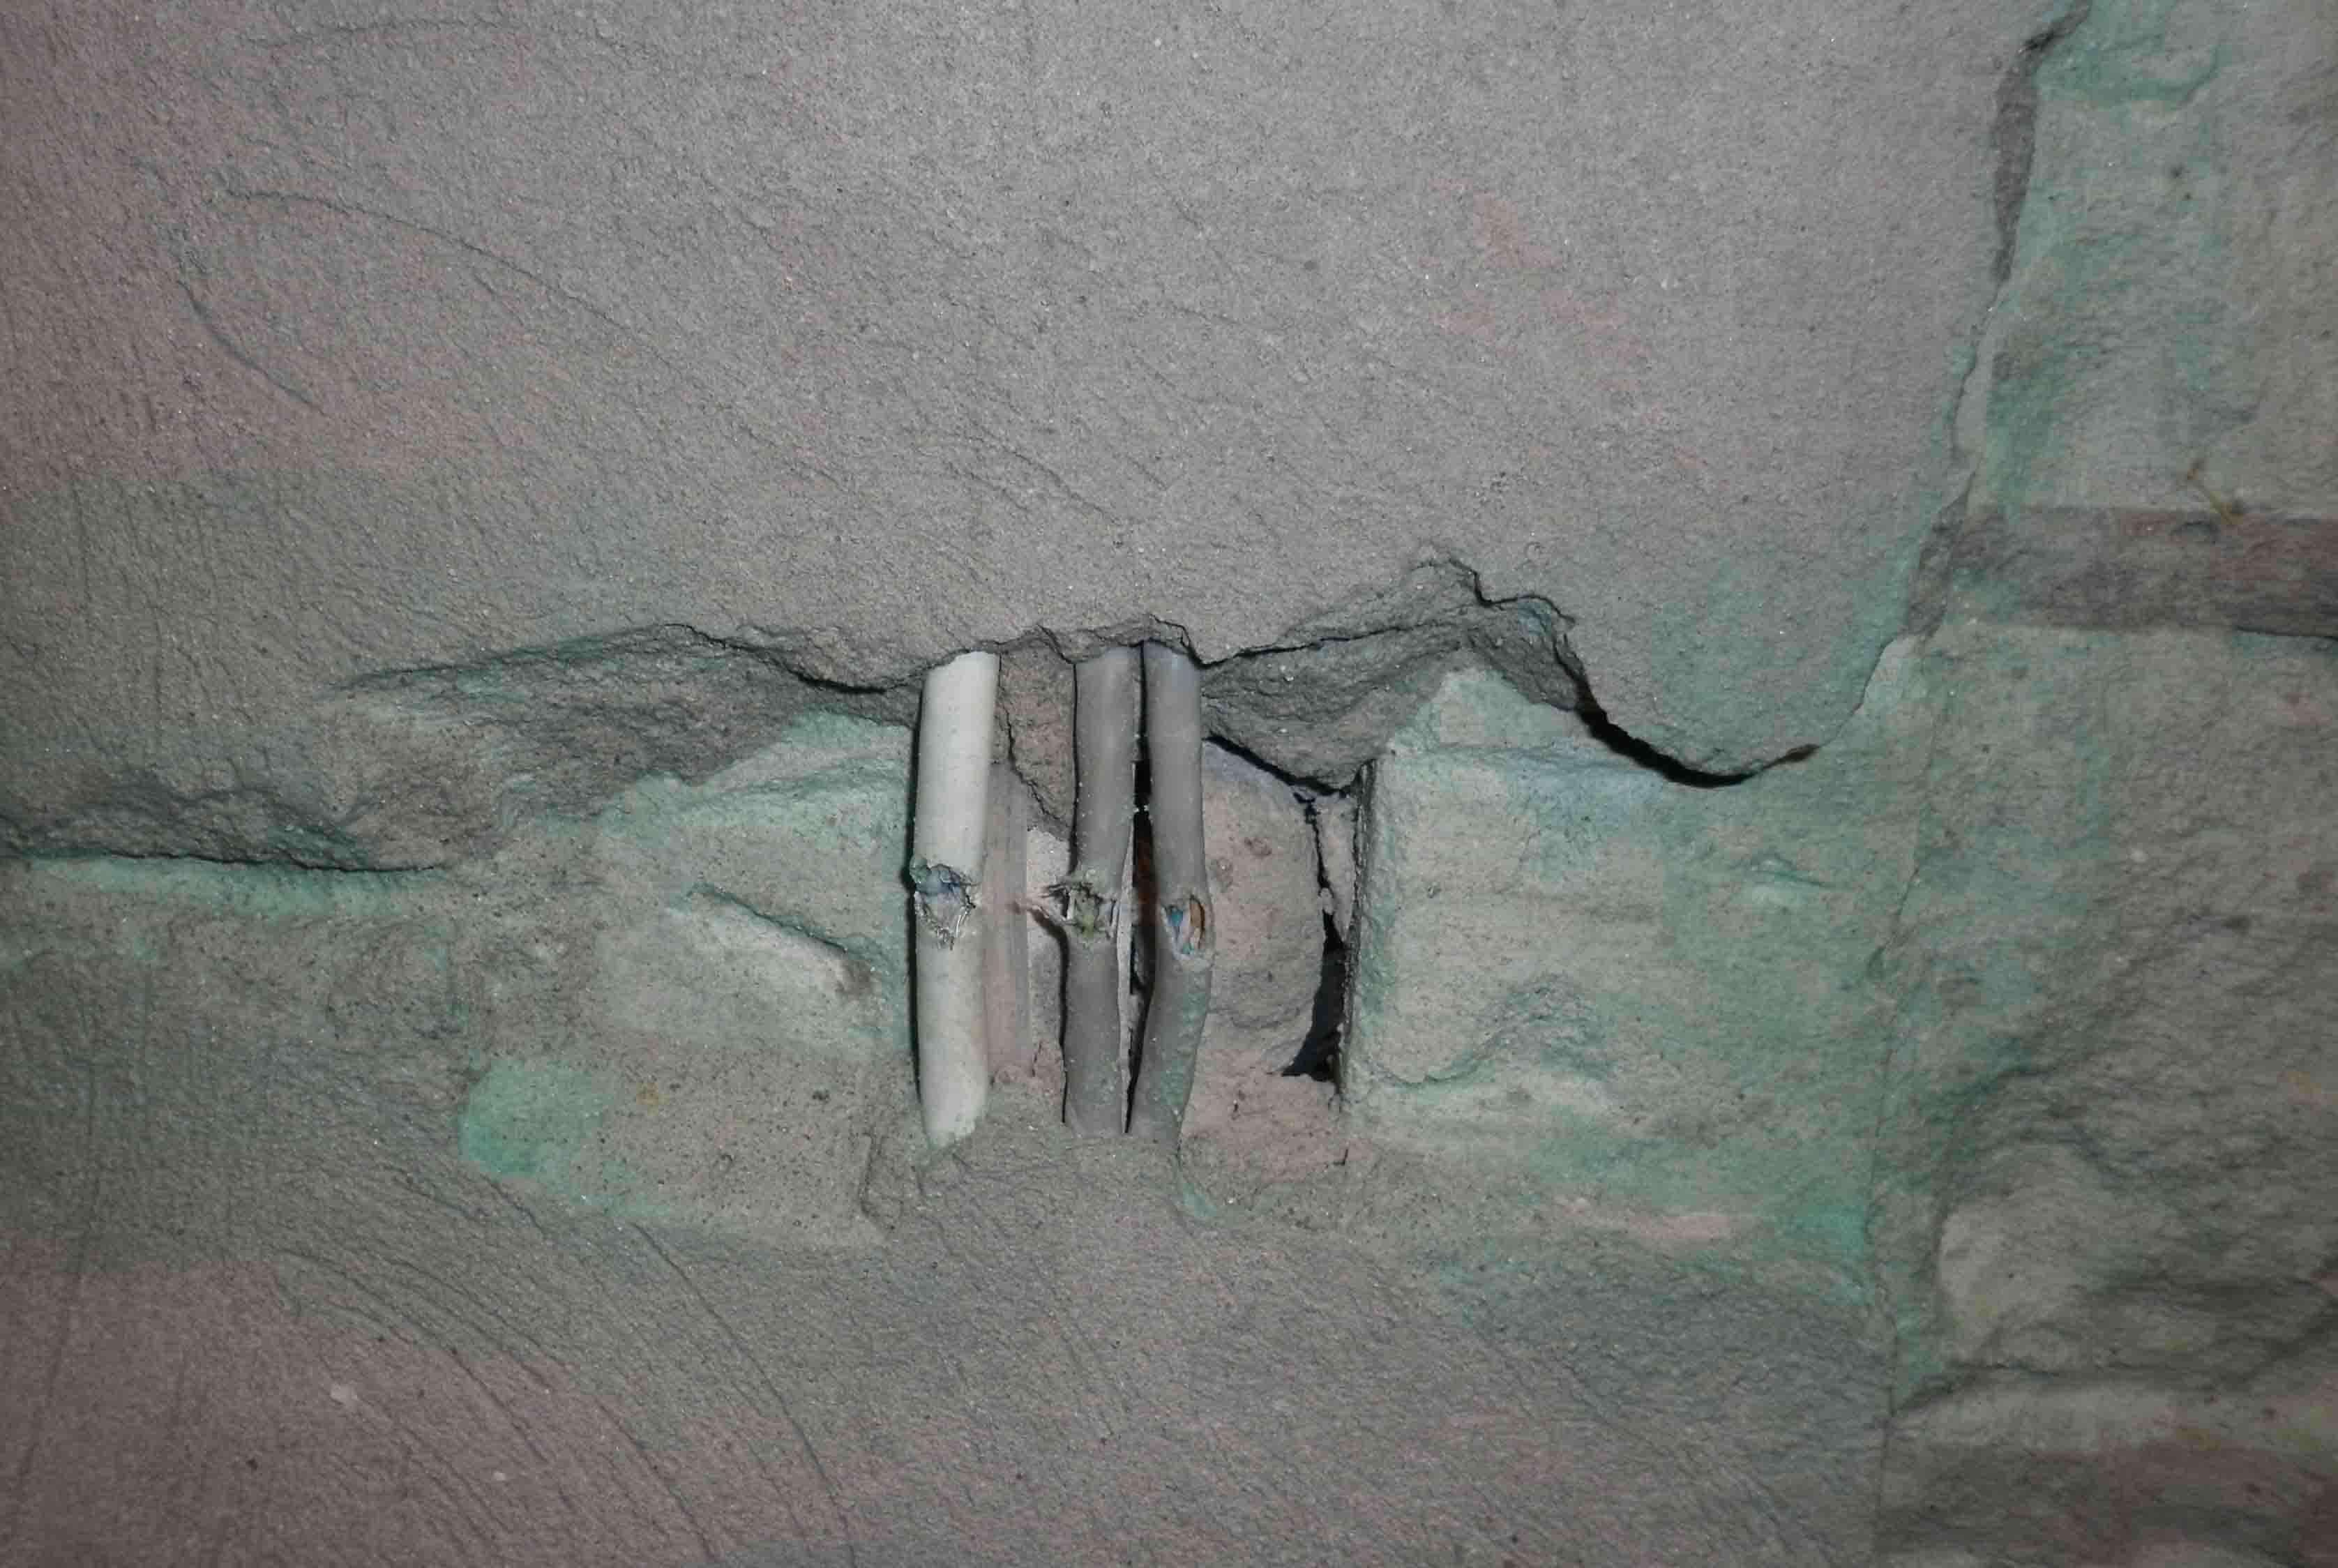 Как найти проводку в стене: поиск скрытых проводов мультиметром и другими приборами